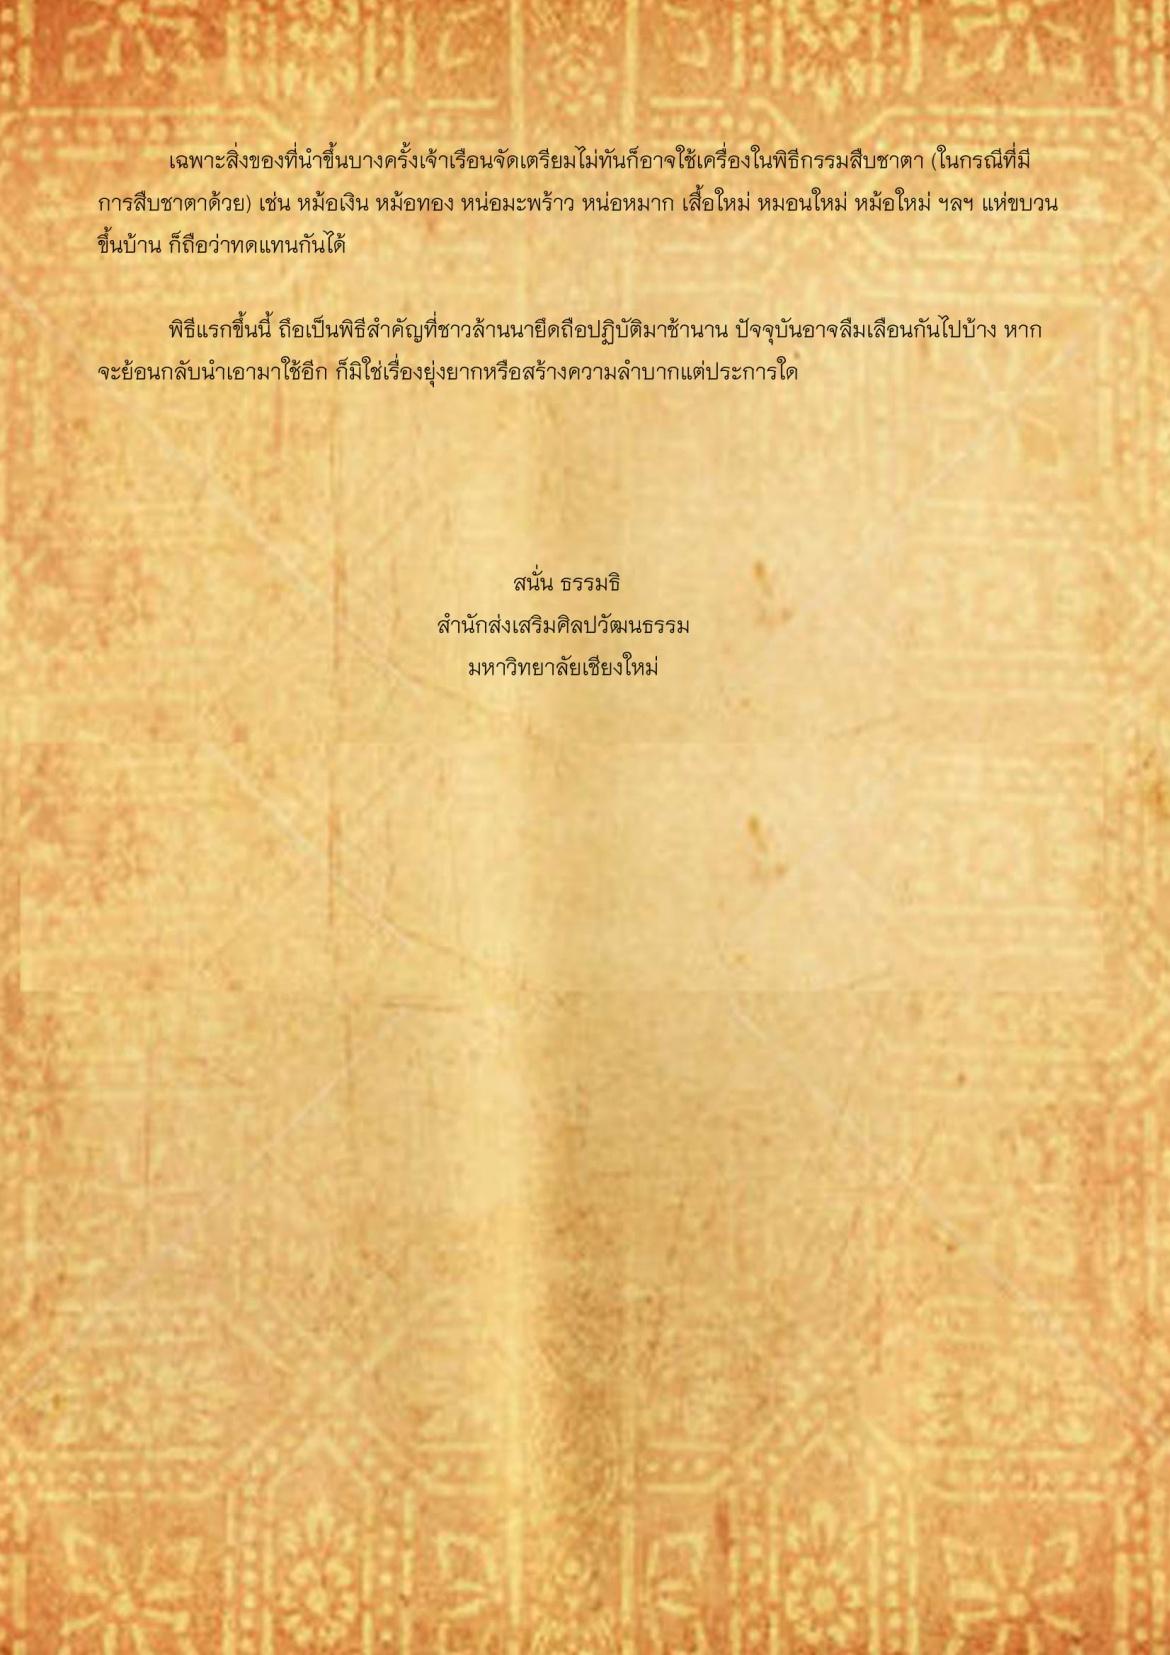 พิธีกรรมเเละความเชื่อการปลูกเรือนล้านนา(75) - 6 เมษายน 2563